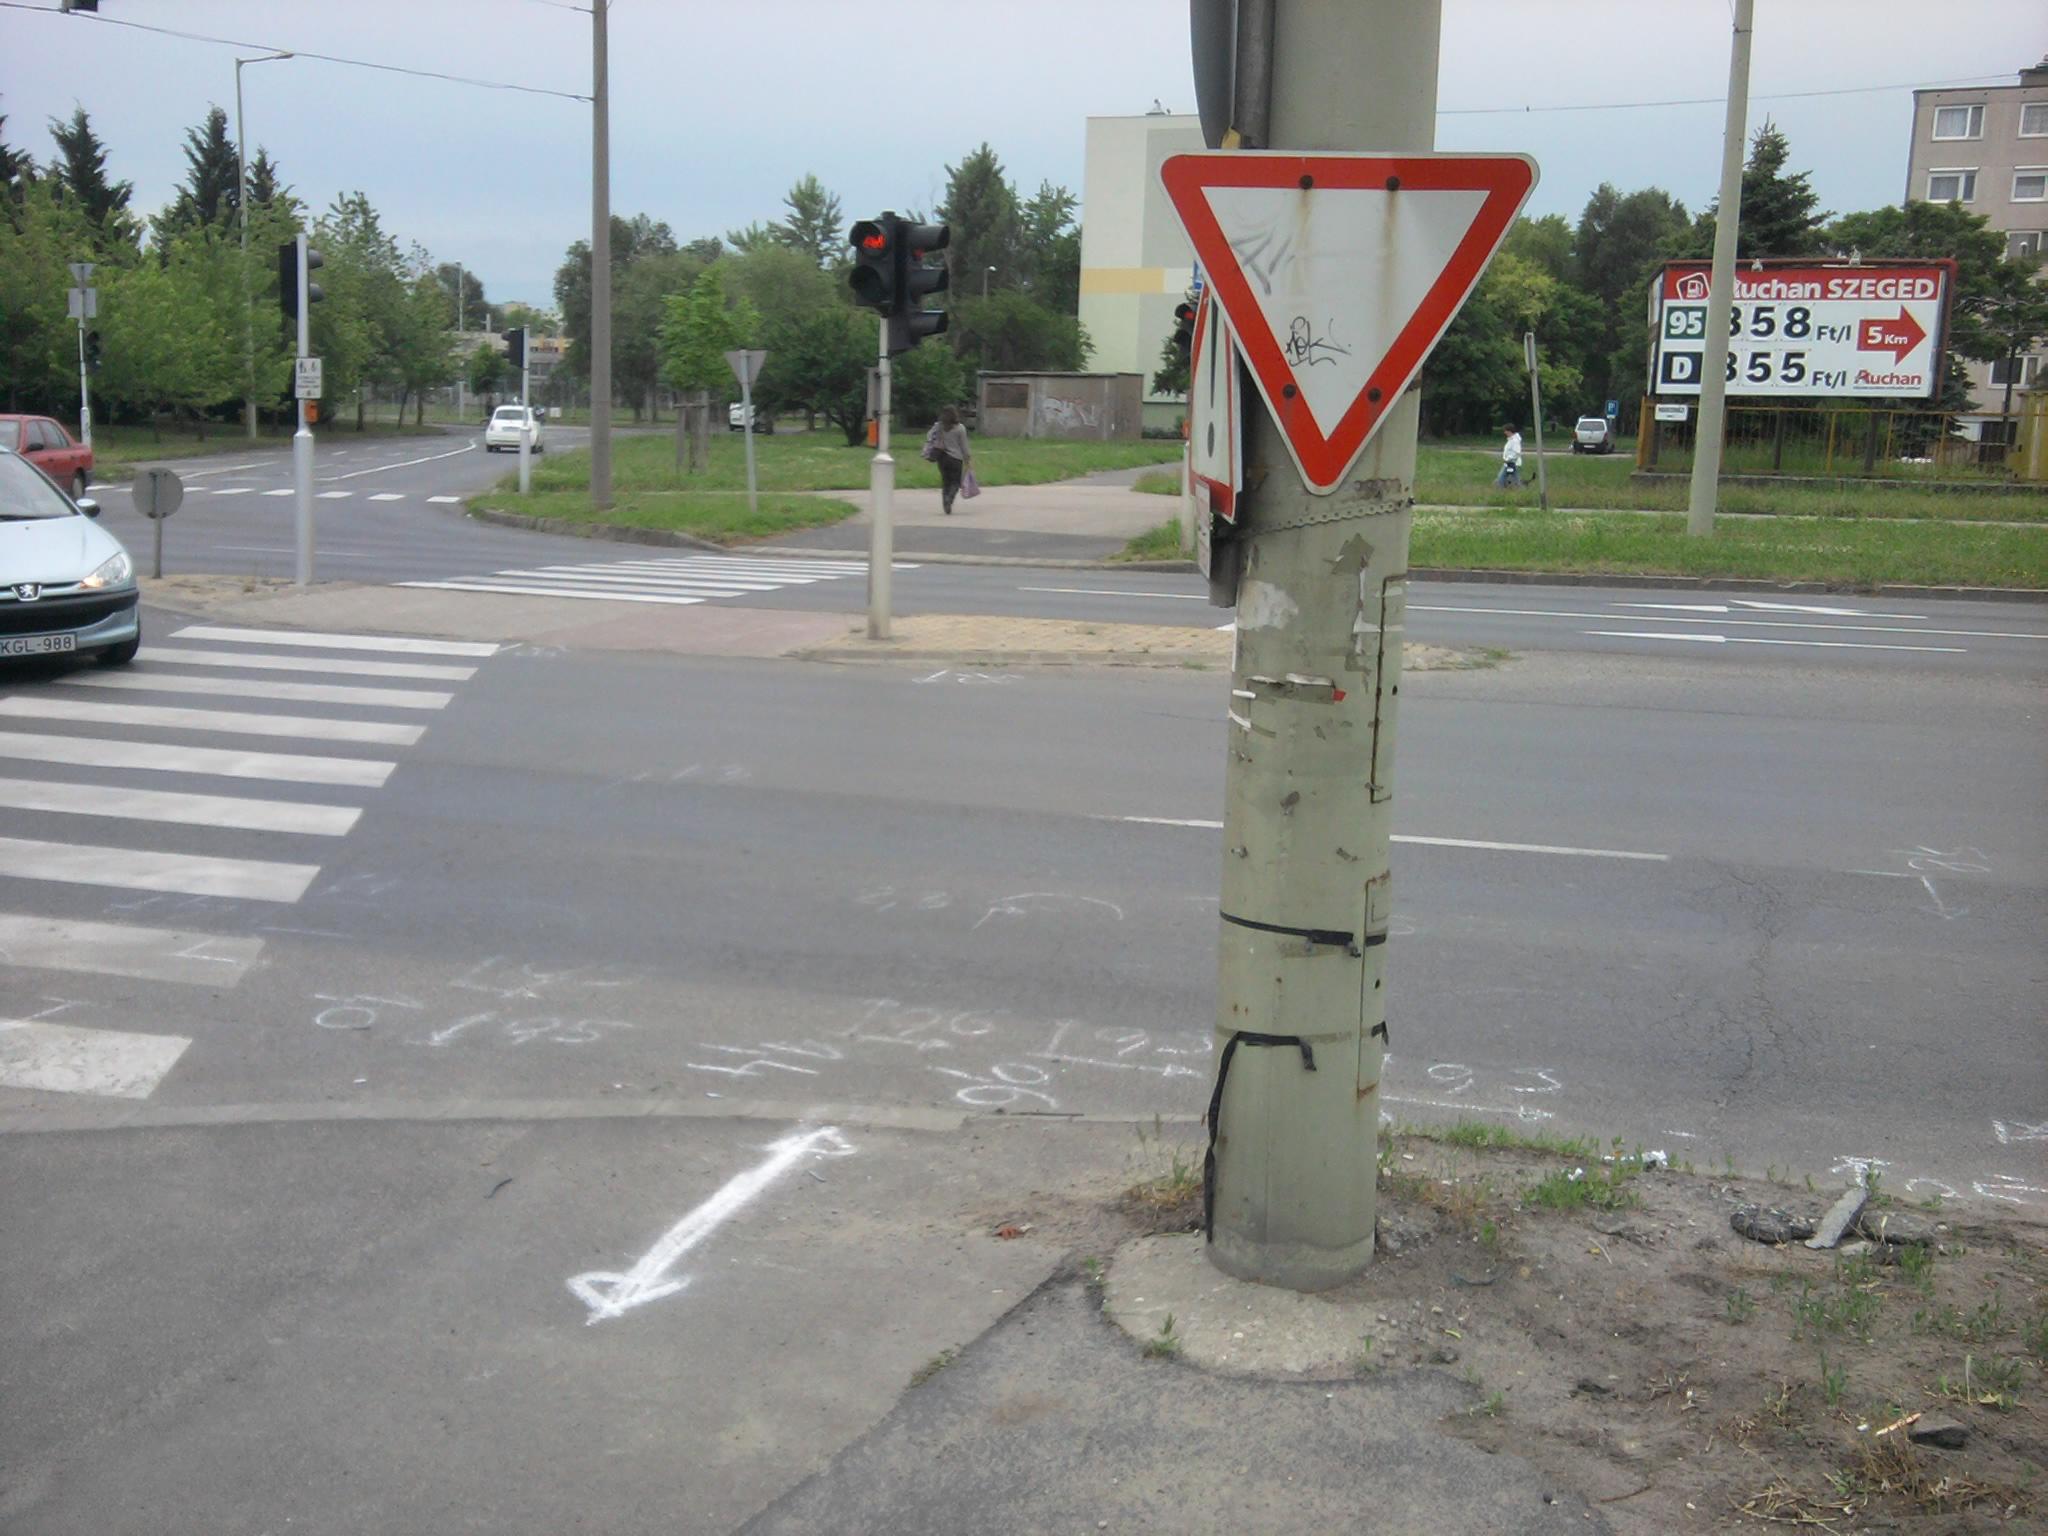 Makkosházi krt. - Agyagos u. sarok. Mikor egy elsőbbséggel, zöld lámpánál áttekerő kissrácot elcsapott az útfenntartó teherautója, az útfenntartó lenyilatkozta, hogy itt nincs is kerékpáros átvezetés, sugalmazva, hogy a biciklis hibázott. Aztán később rájöttek, hogy mégis van, mert újrafestették az általuk elhanyagolt sárga négyzeteket. Ilyen oltári hazugságon még talán nem kaptak útkezelőt Magyarországon. <br />http://www.delmagyar.hu/szeged_hirek/athajtott_egy_kukasauto_a_15_eves_biciklisen/2429778/